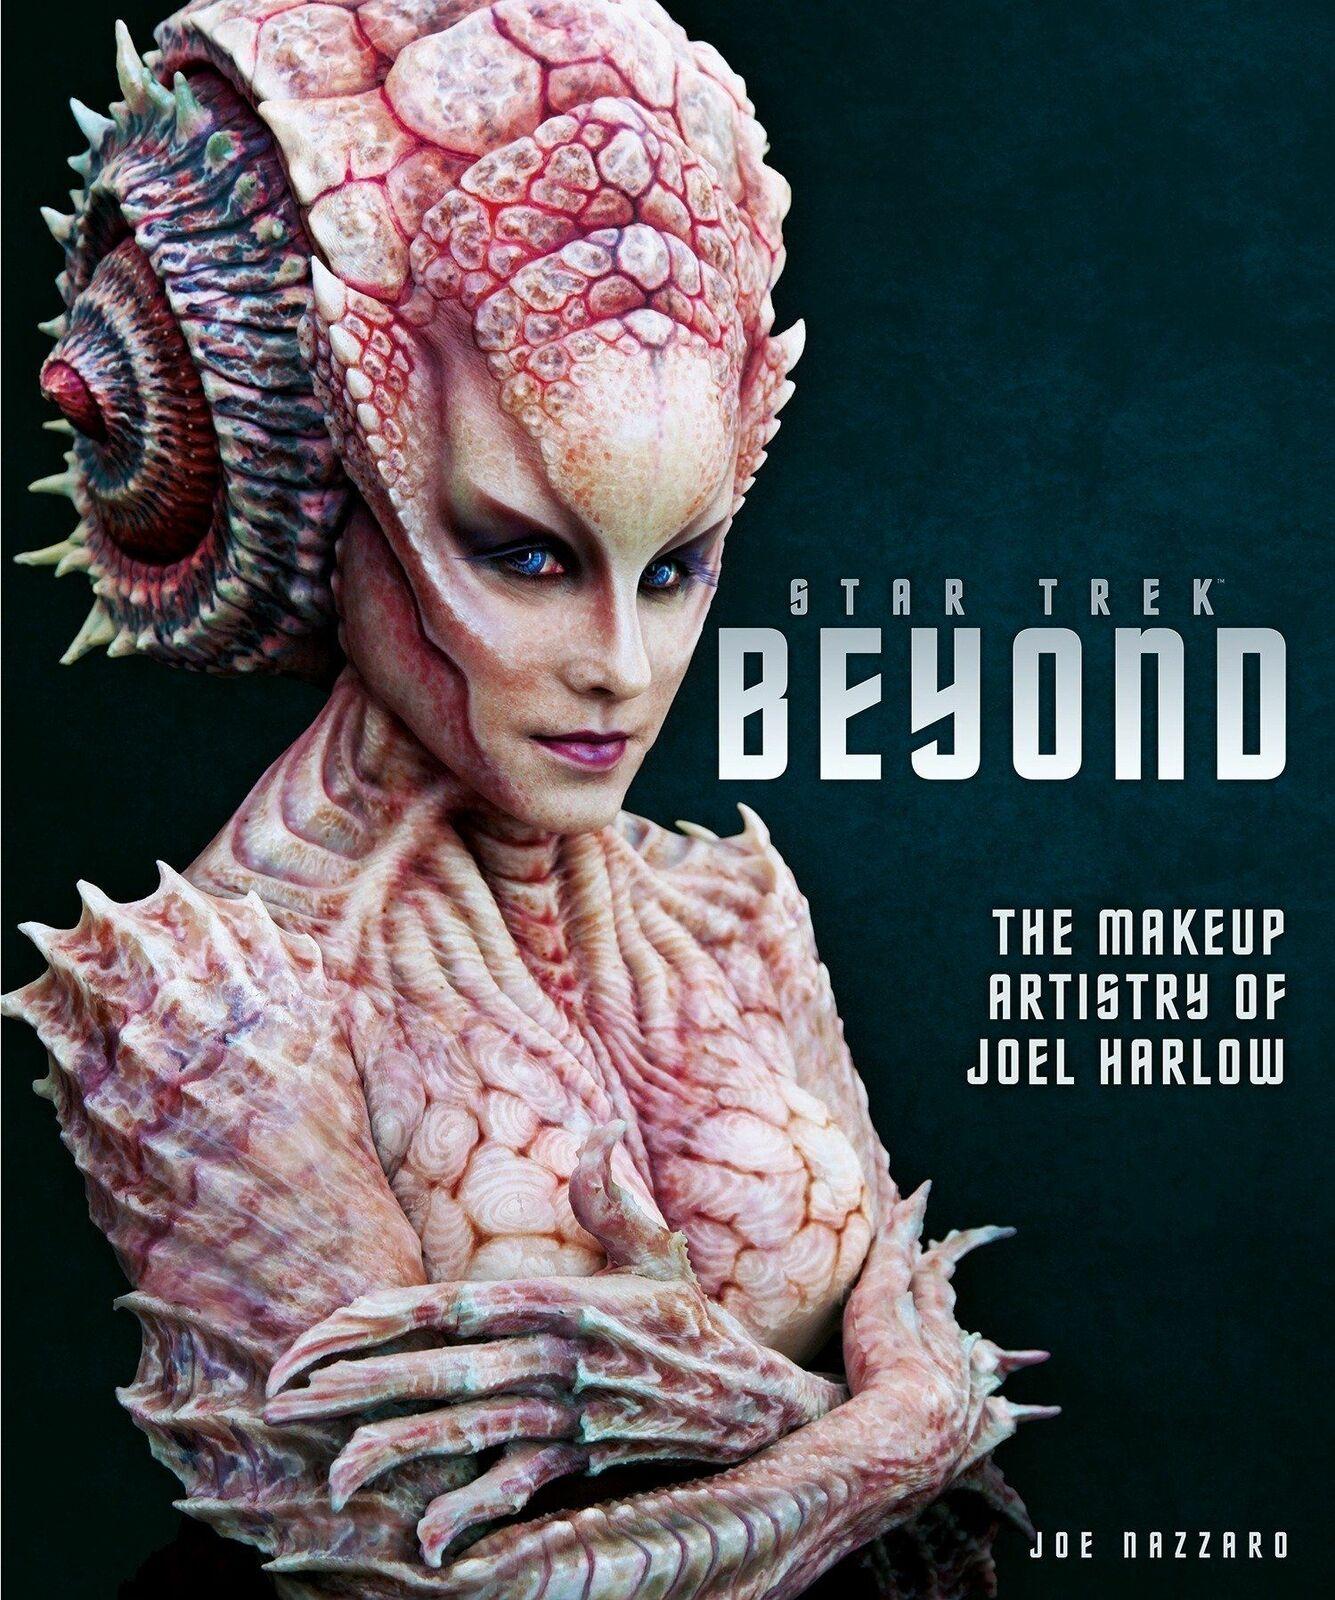 Star Trek: Beyond - The Makeup Artistry of Joel Harlow